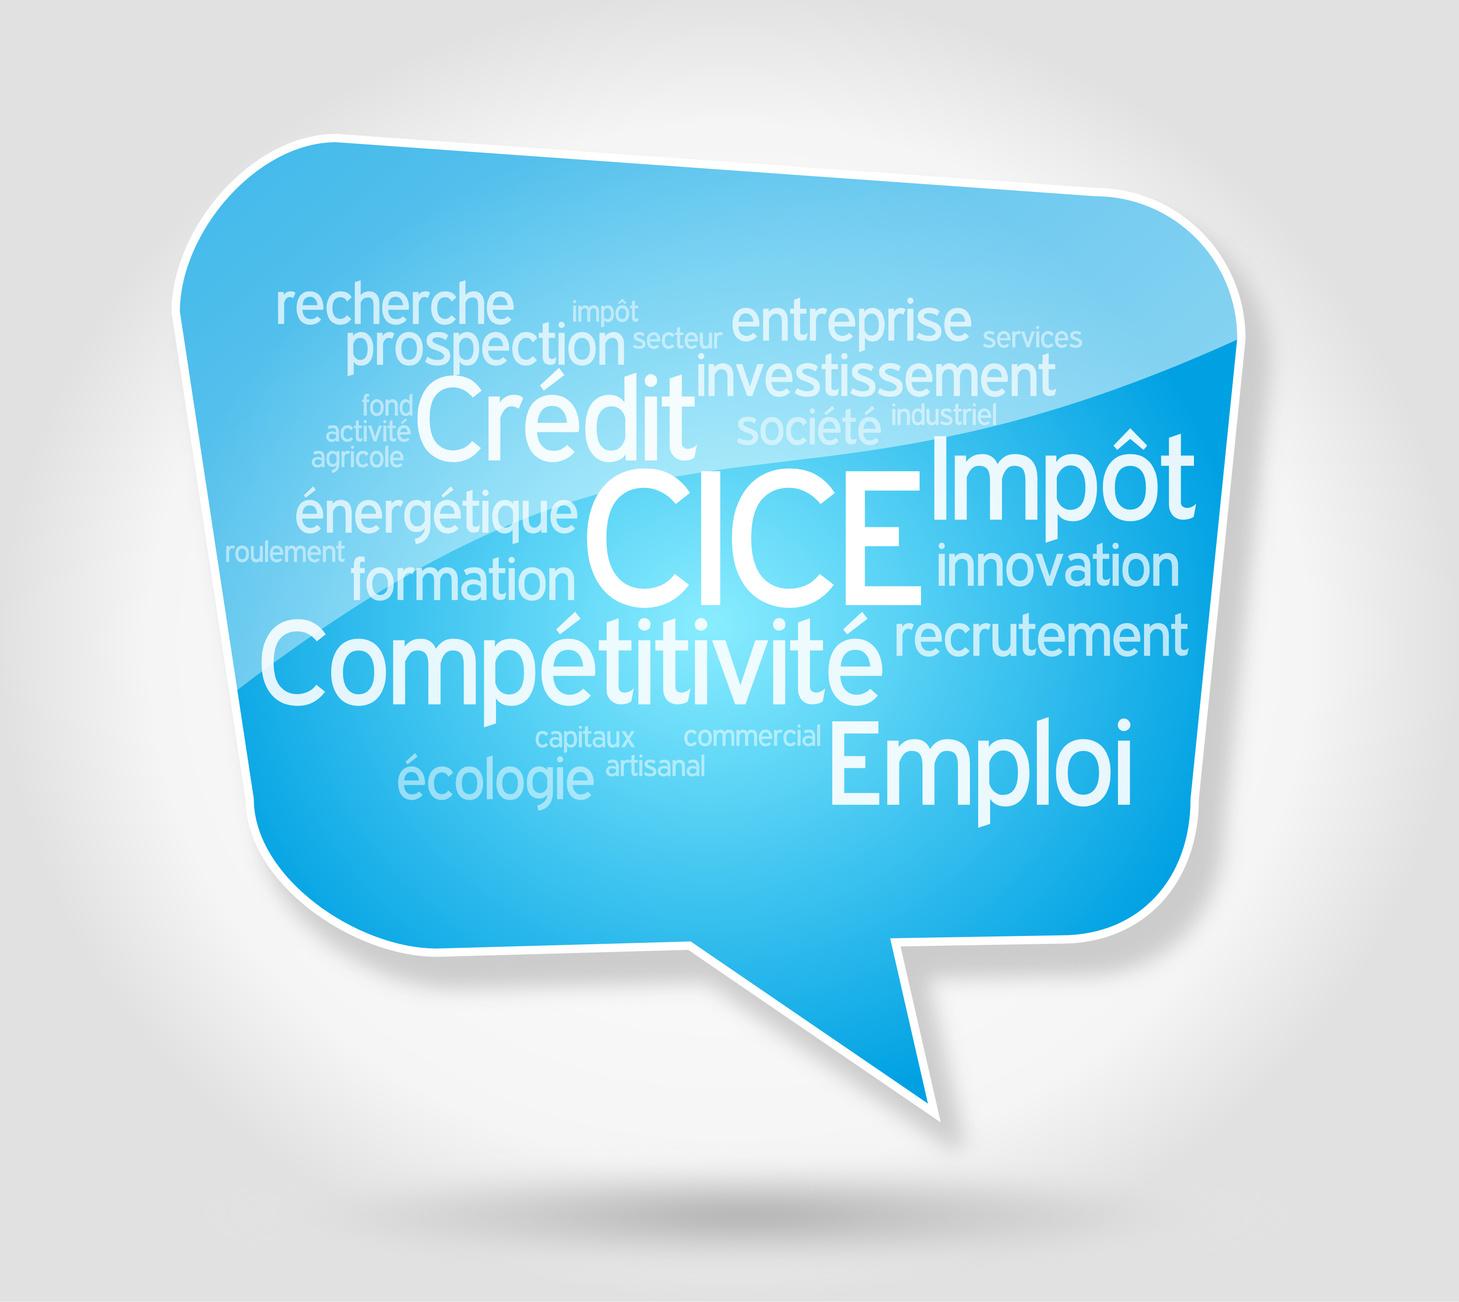 Le CICE (Crédit d'impôt pour la compétitivité et l'emploi)